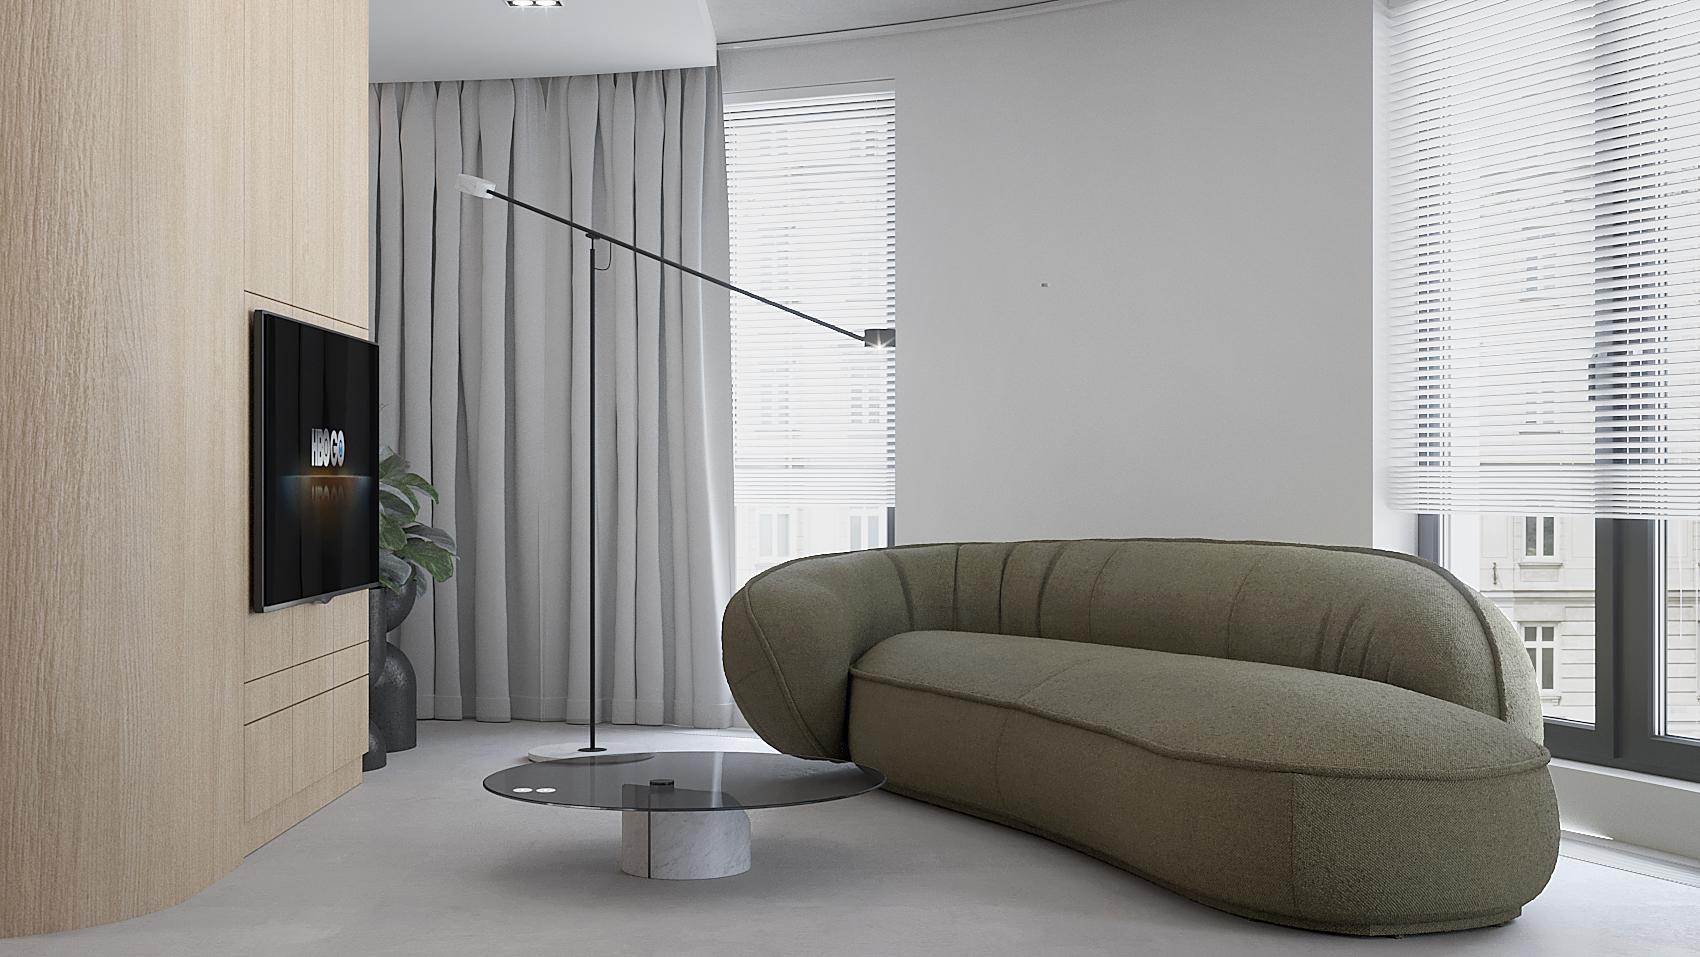 8 projket wnetrza M558 salon zielona sofa betonowa posadzka telewizor w zabudowie zaluzje w oknie